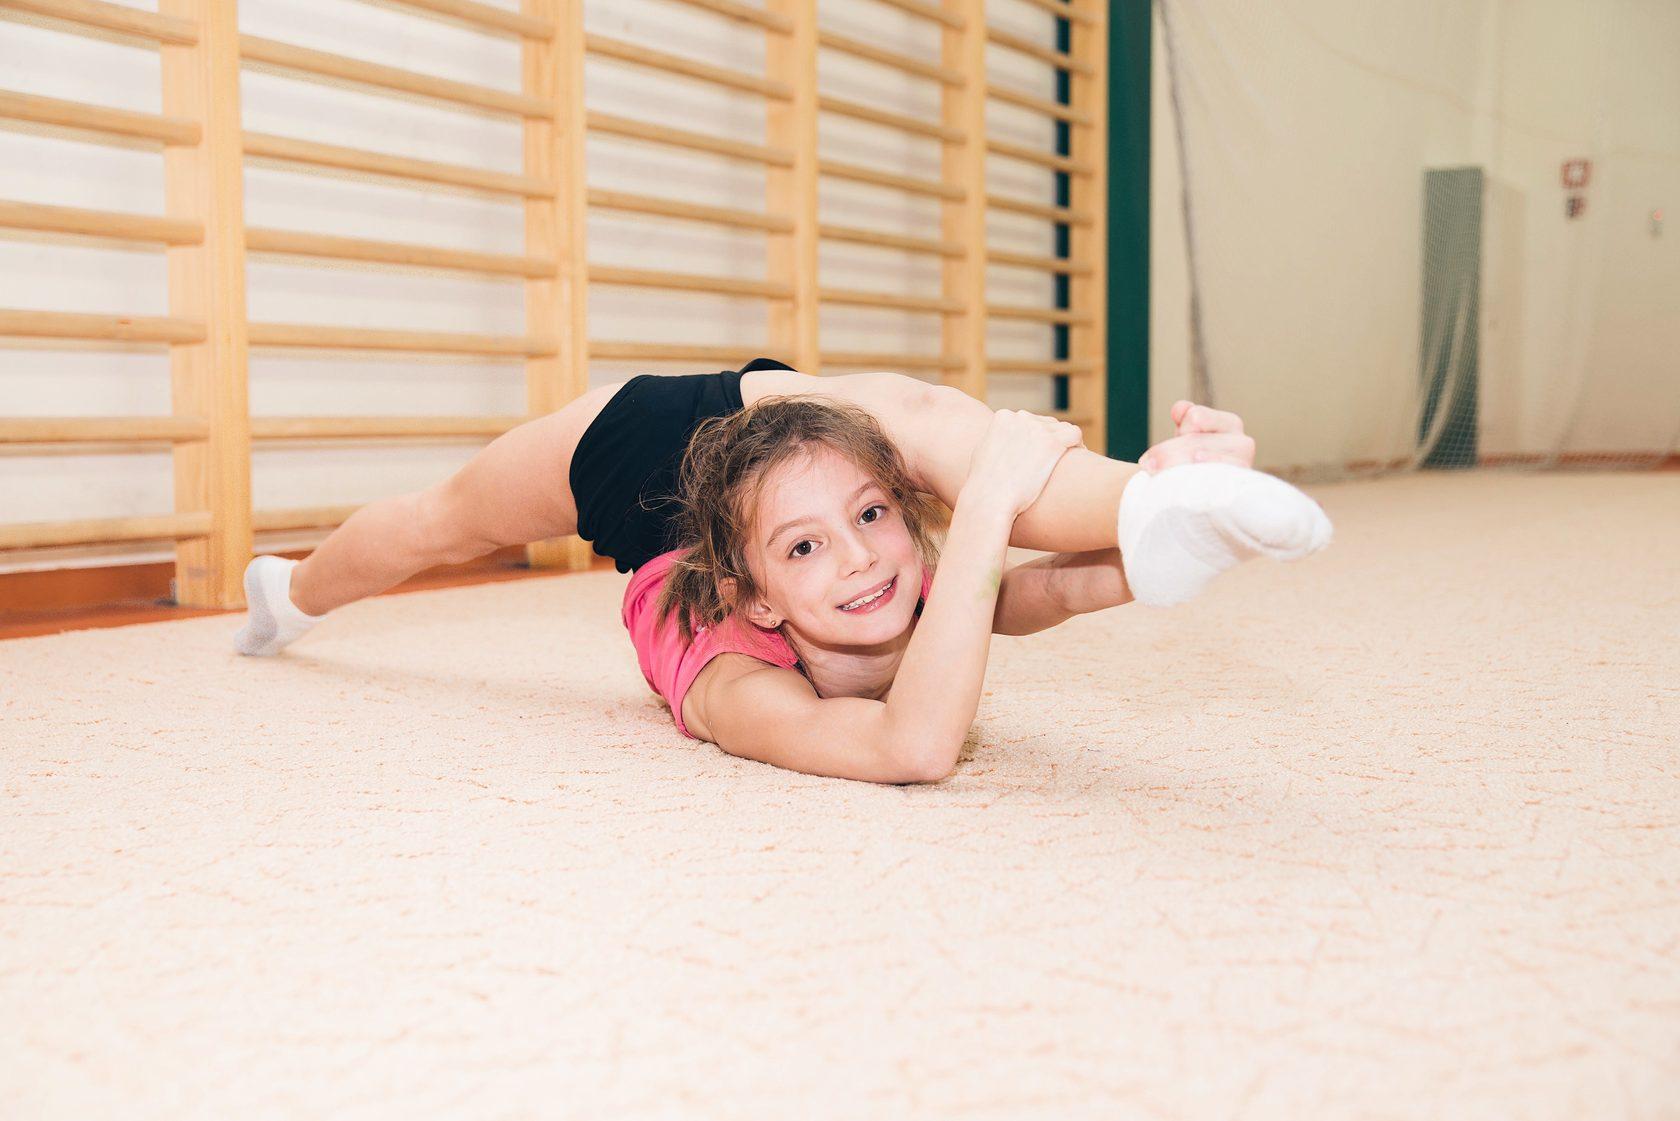 итоге фото гимнасток в домашних условиях клубники сорта